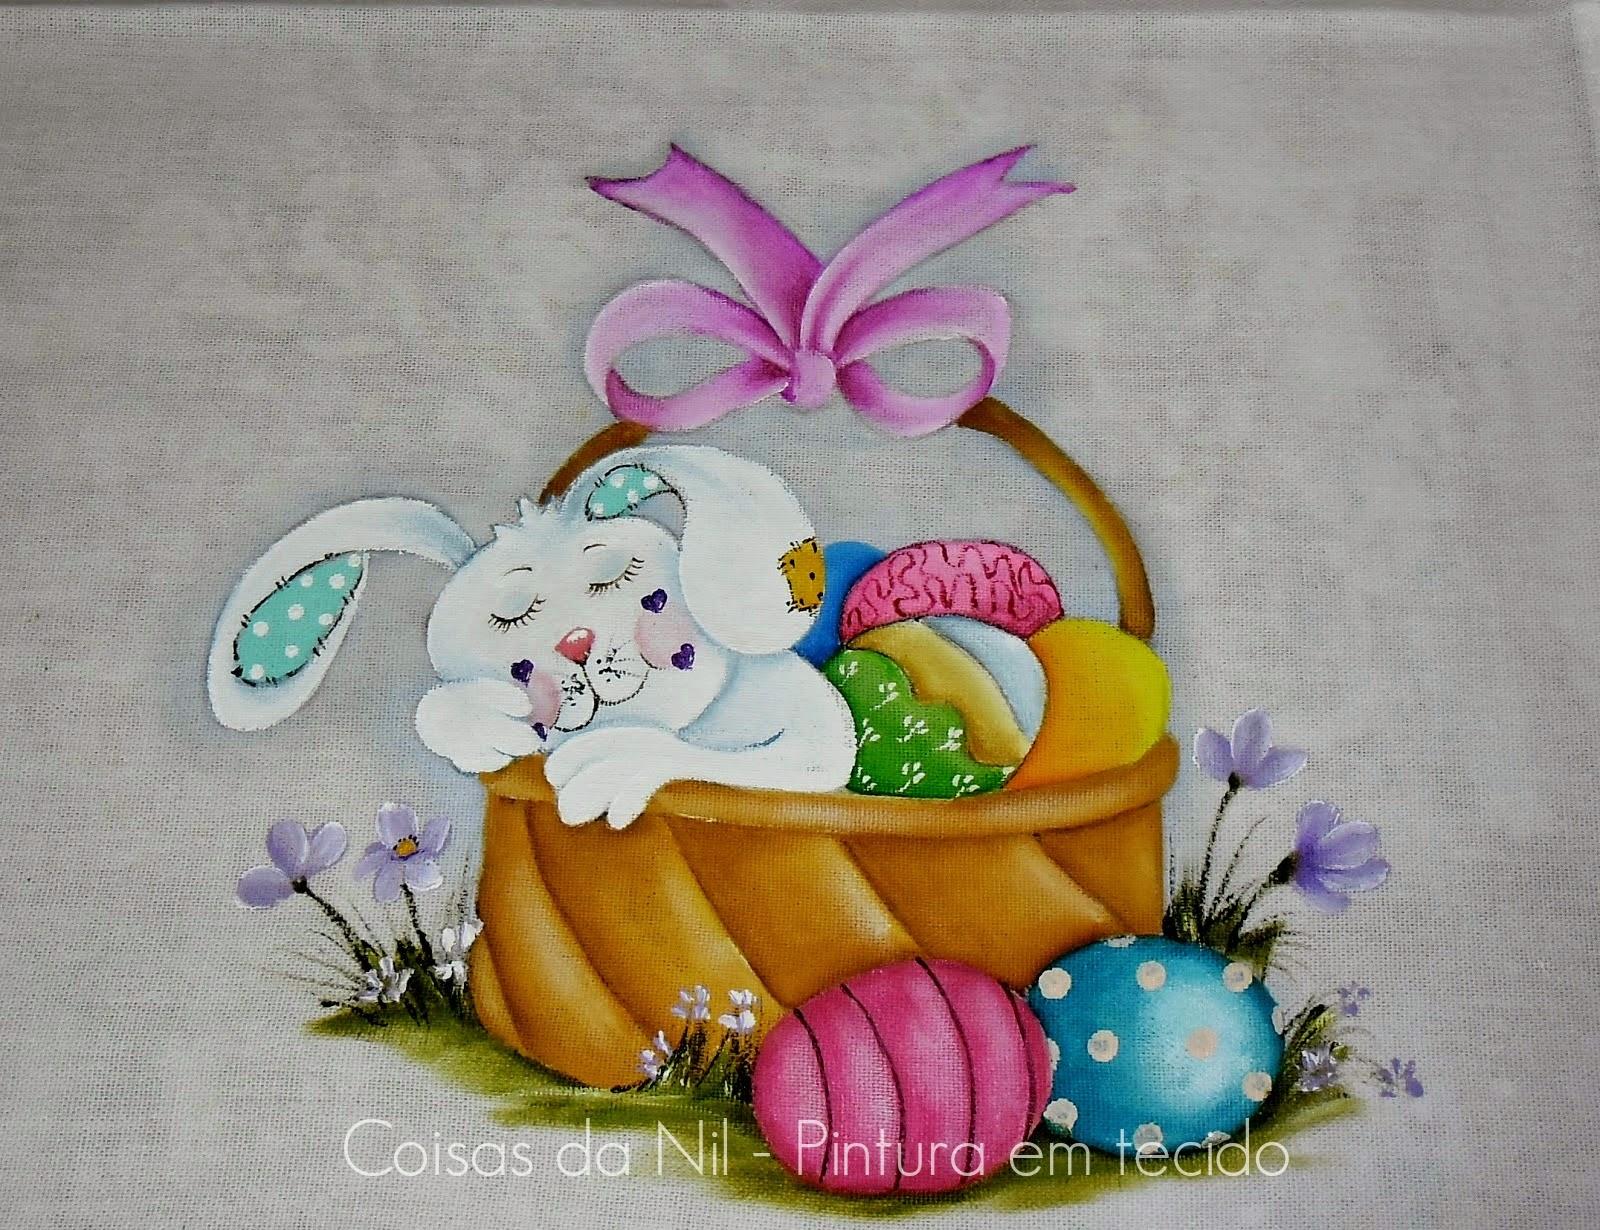 pintura tecido pascoa coelhinho dormindo na cesta com ovos de chocolate